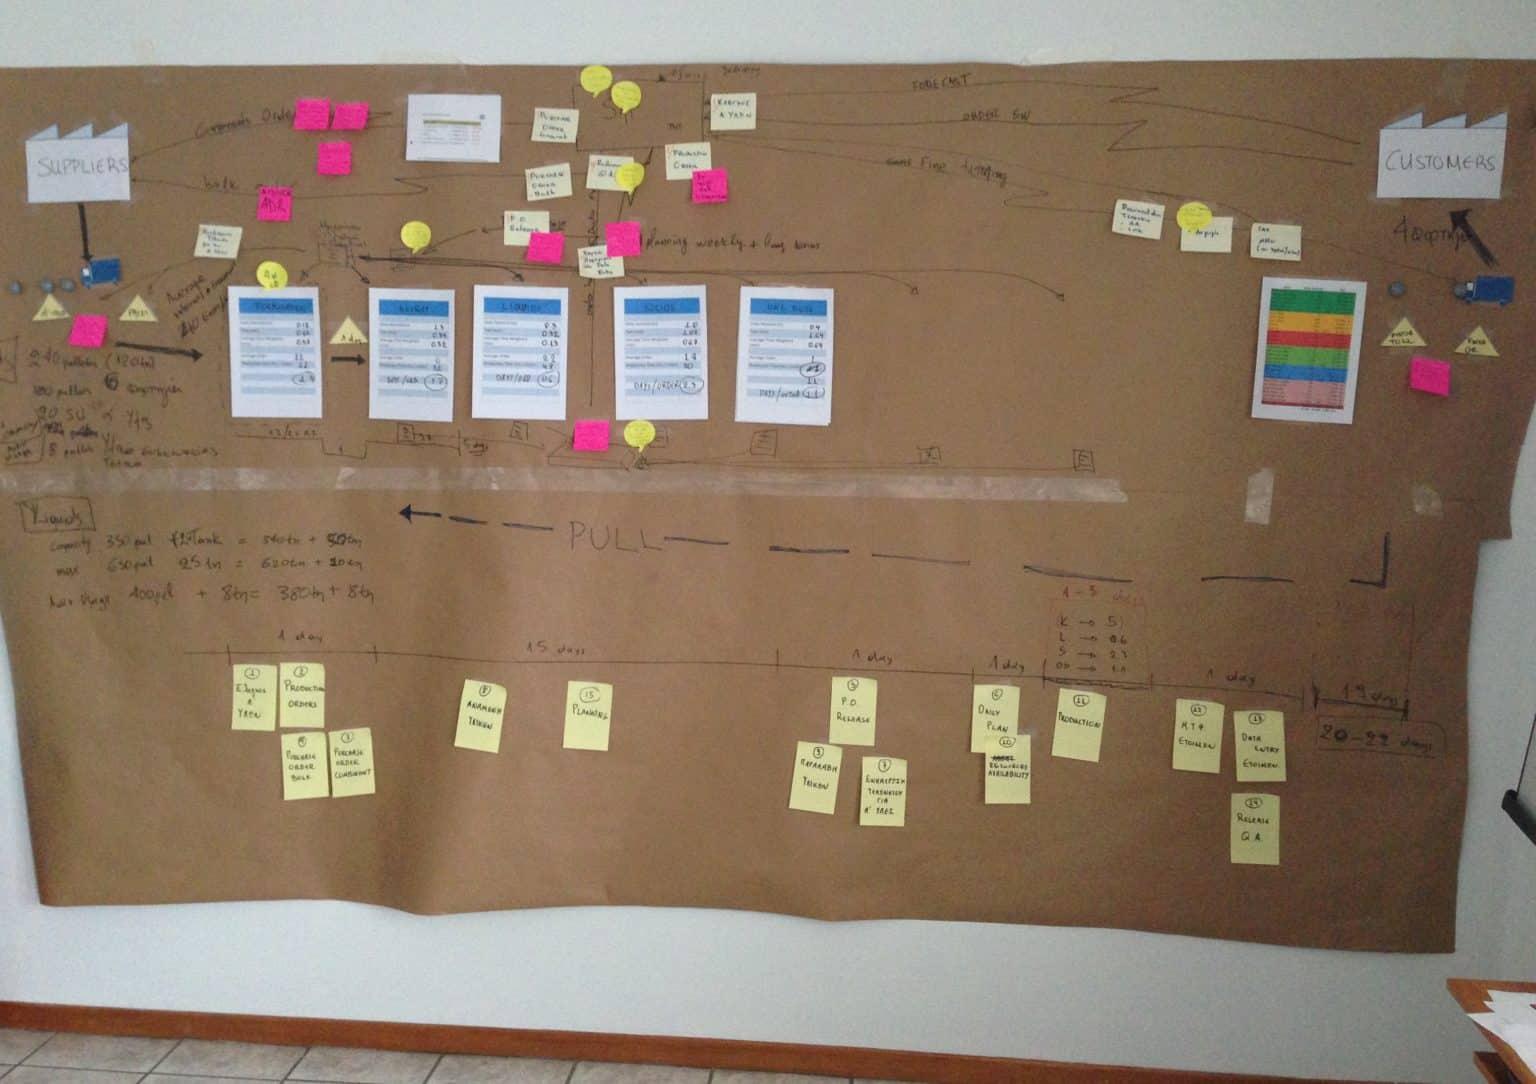 Syngenta VSM Workshop για βελτίωση διεργασιών - Business Elements